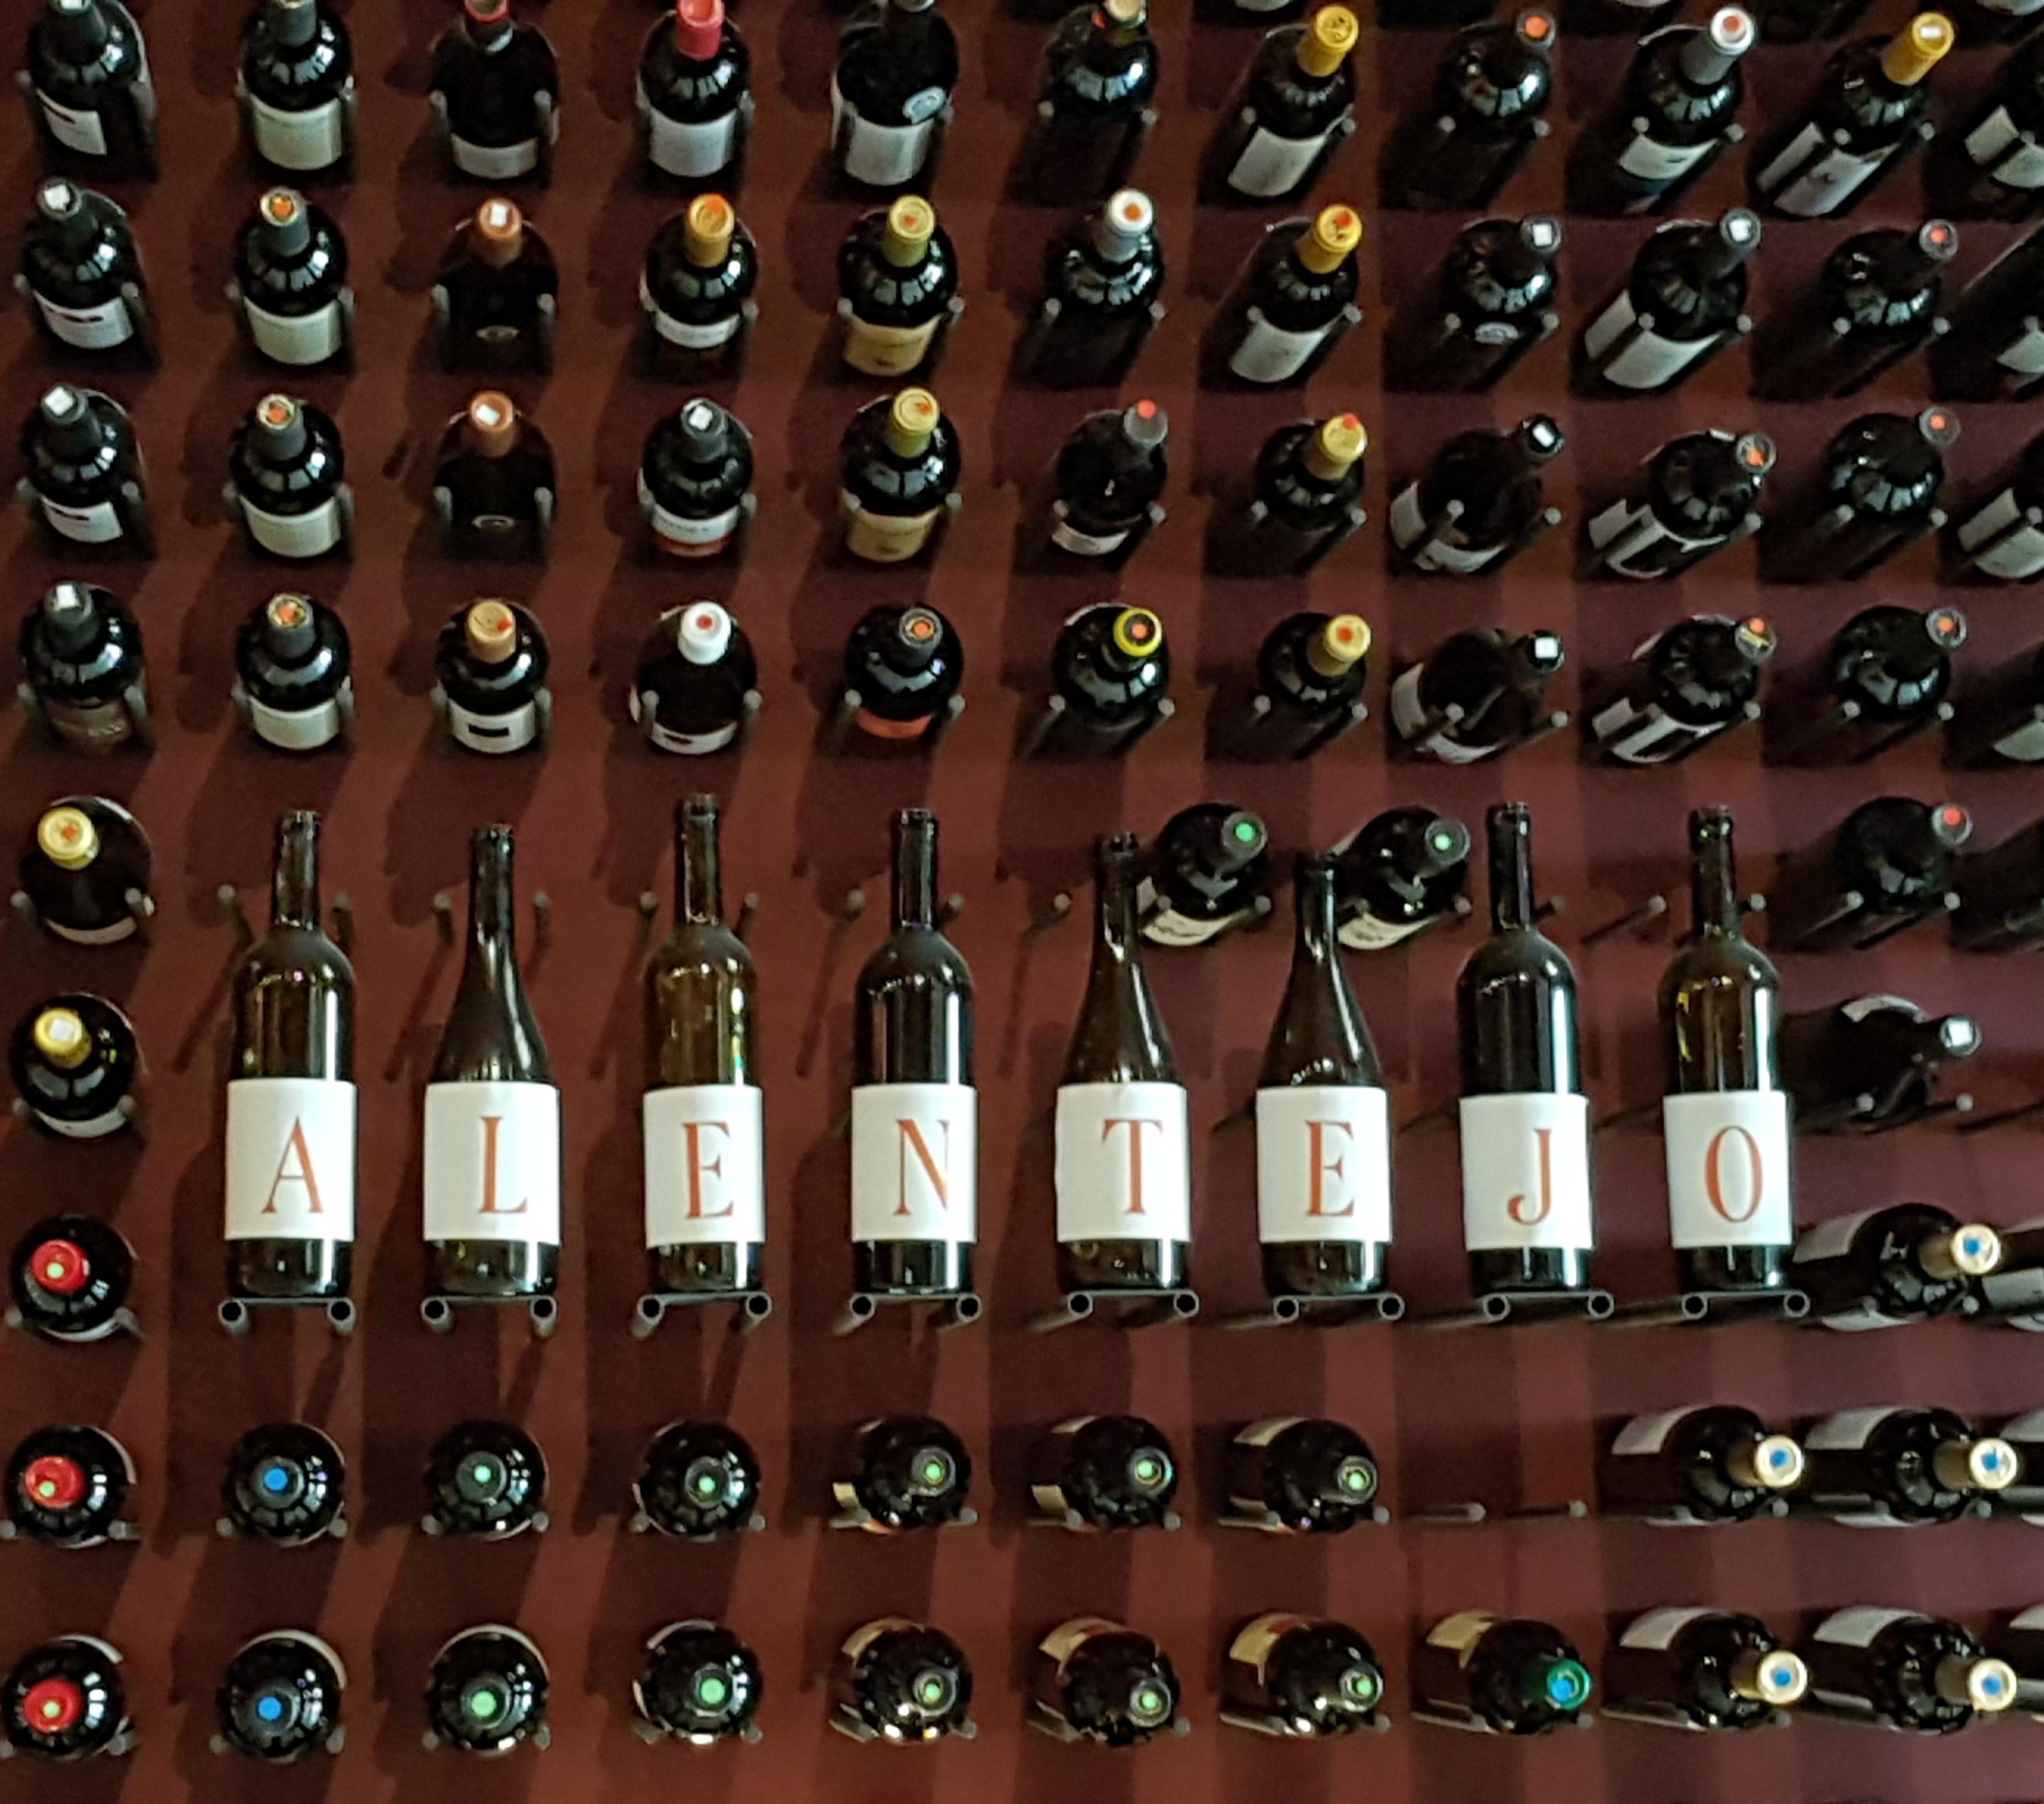 Foto-Botellas-Alentejo